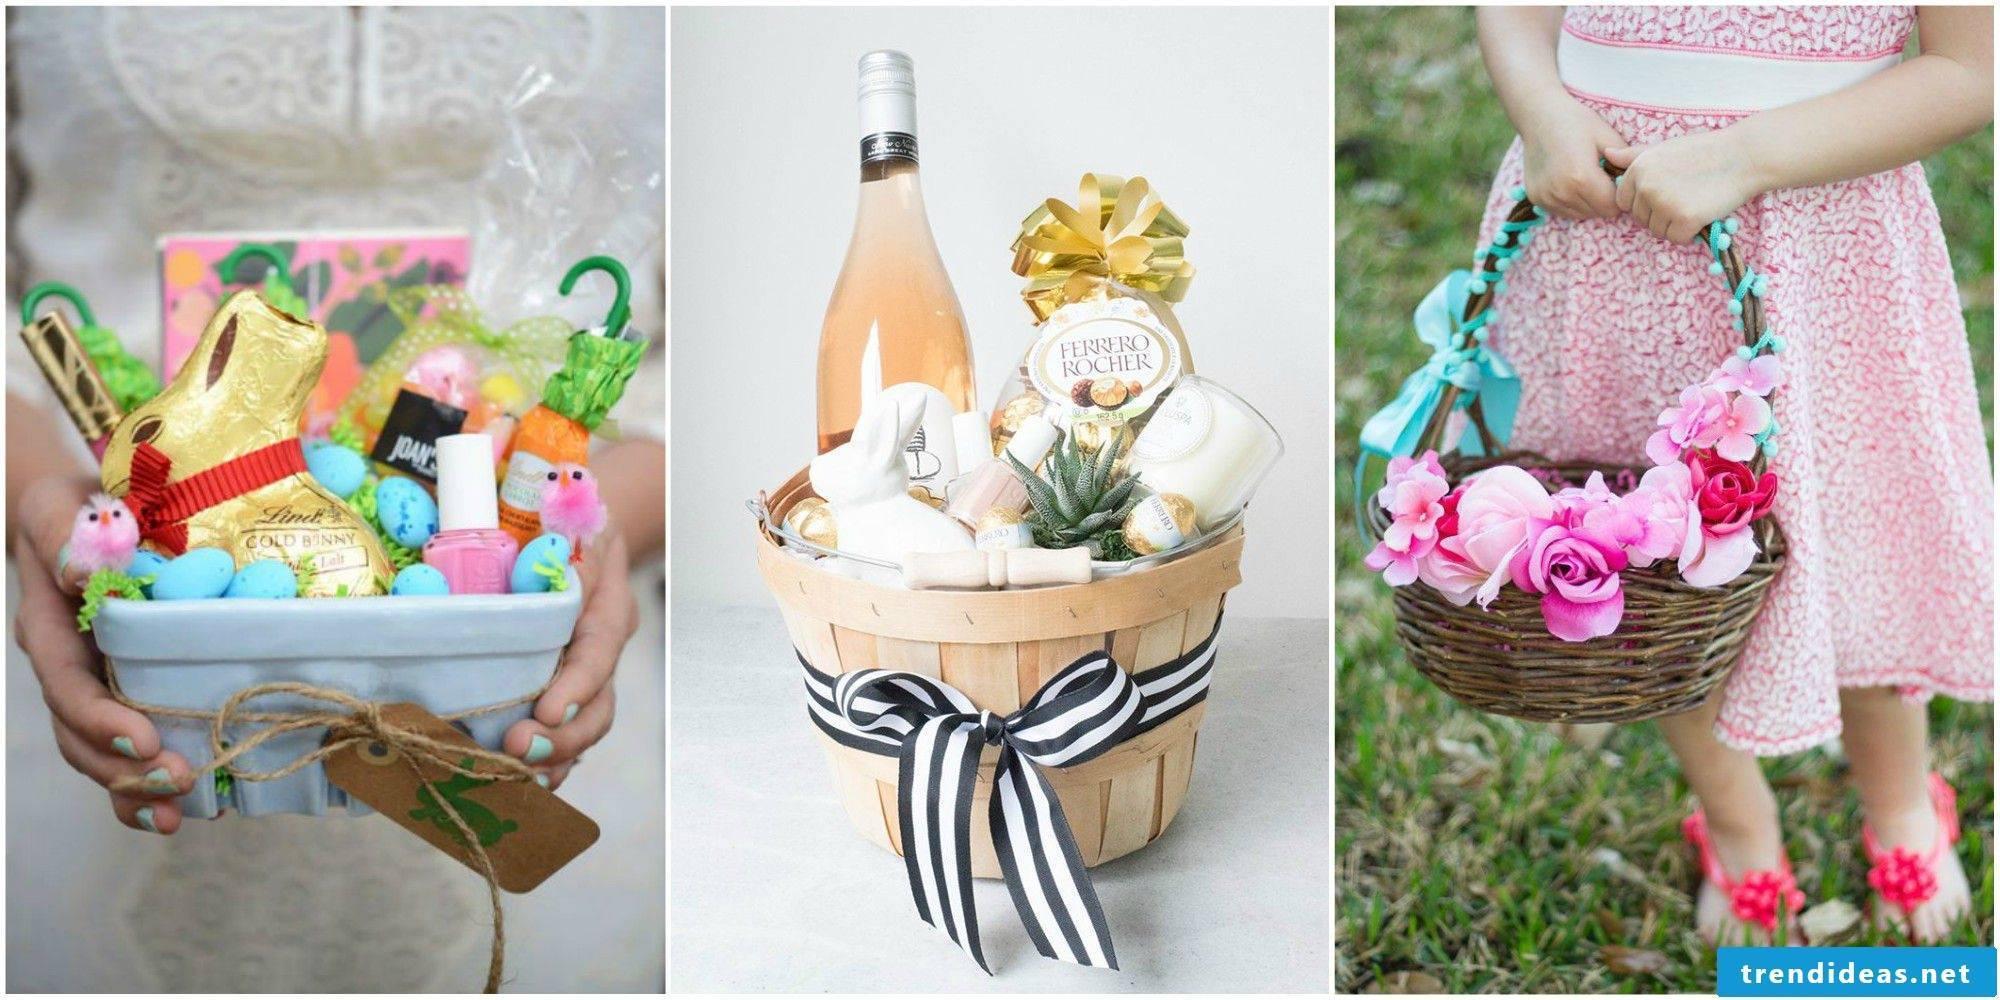 Make Easter baskets